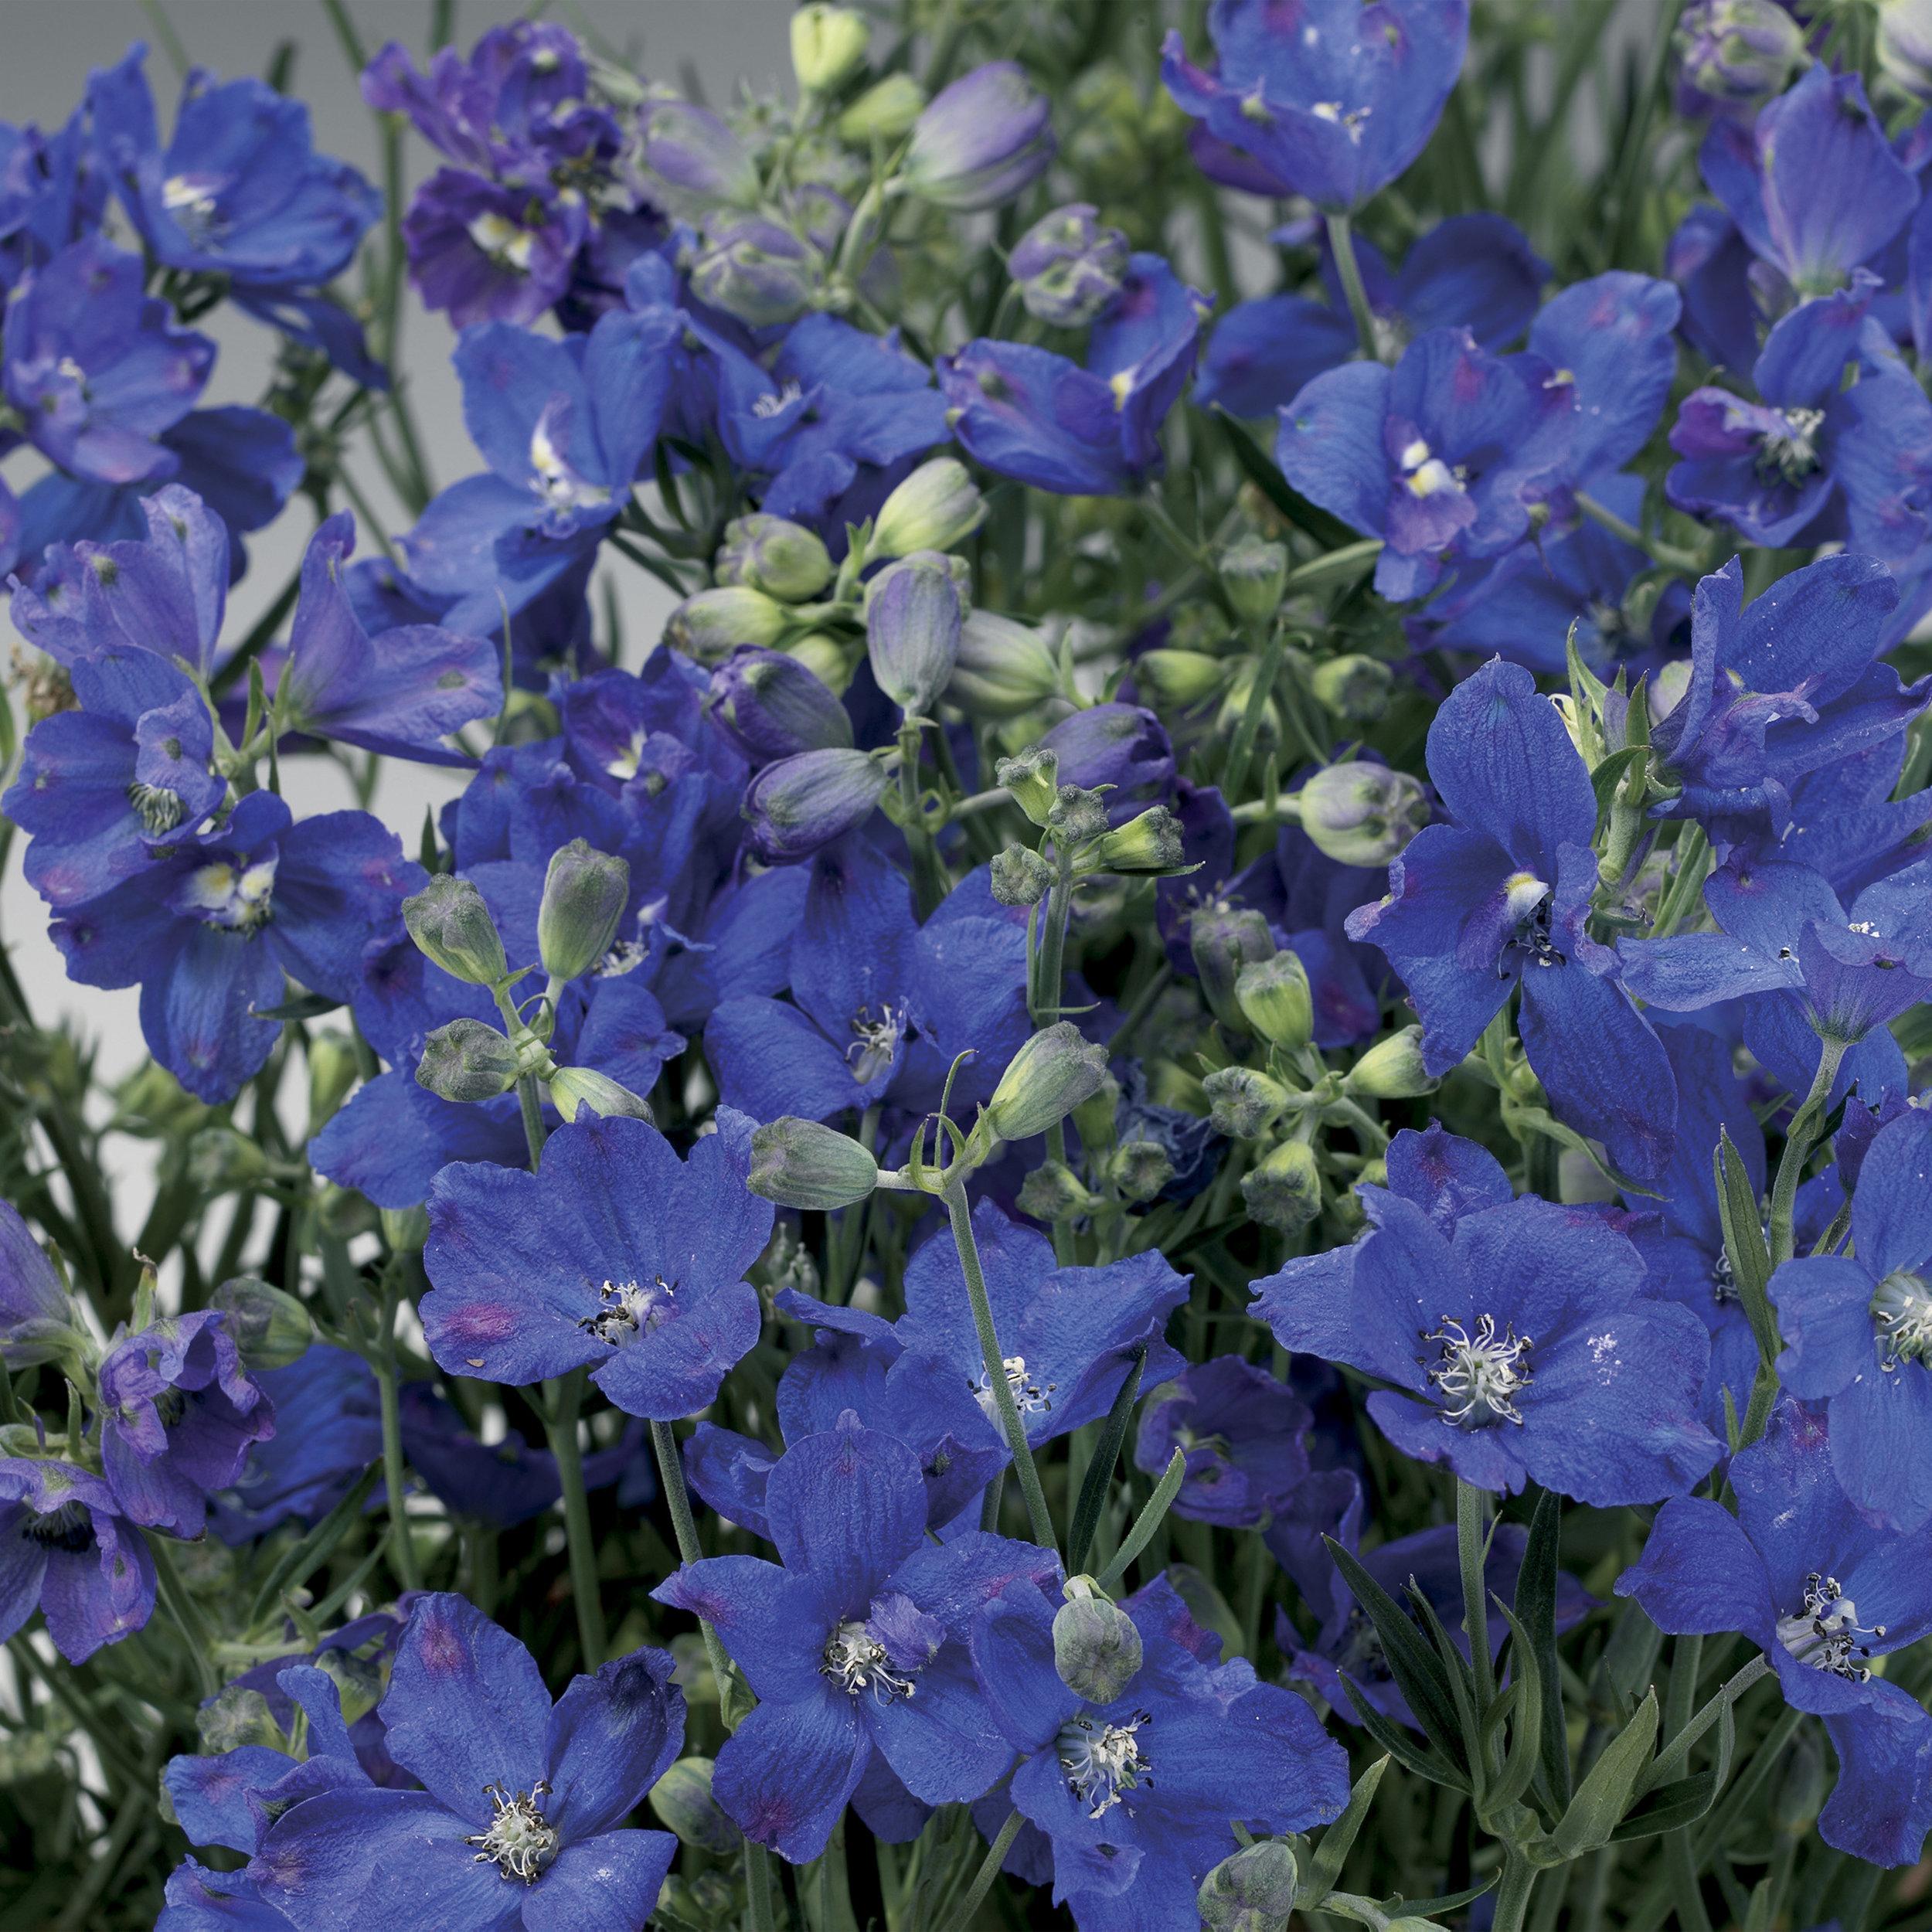 HR_Seed_Delphinium_Delfix®_Delfix®_Blue_70001035_1.jpg